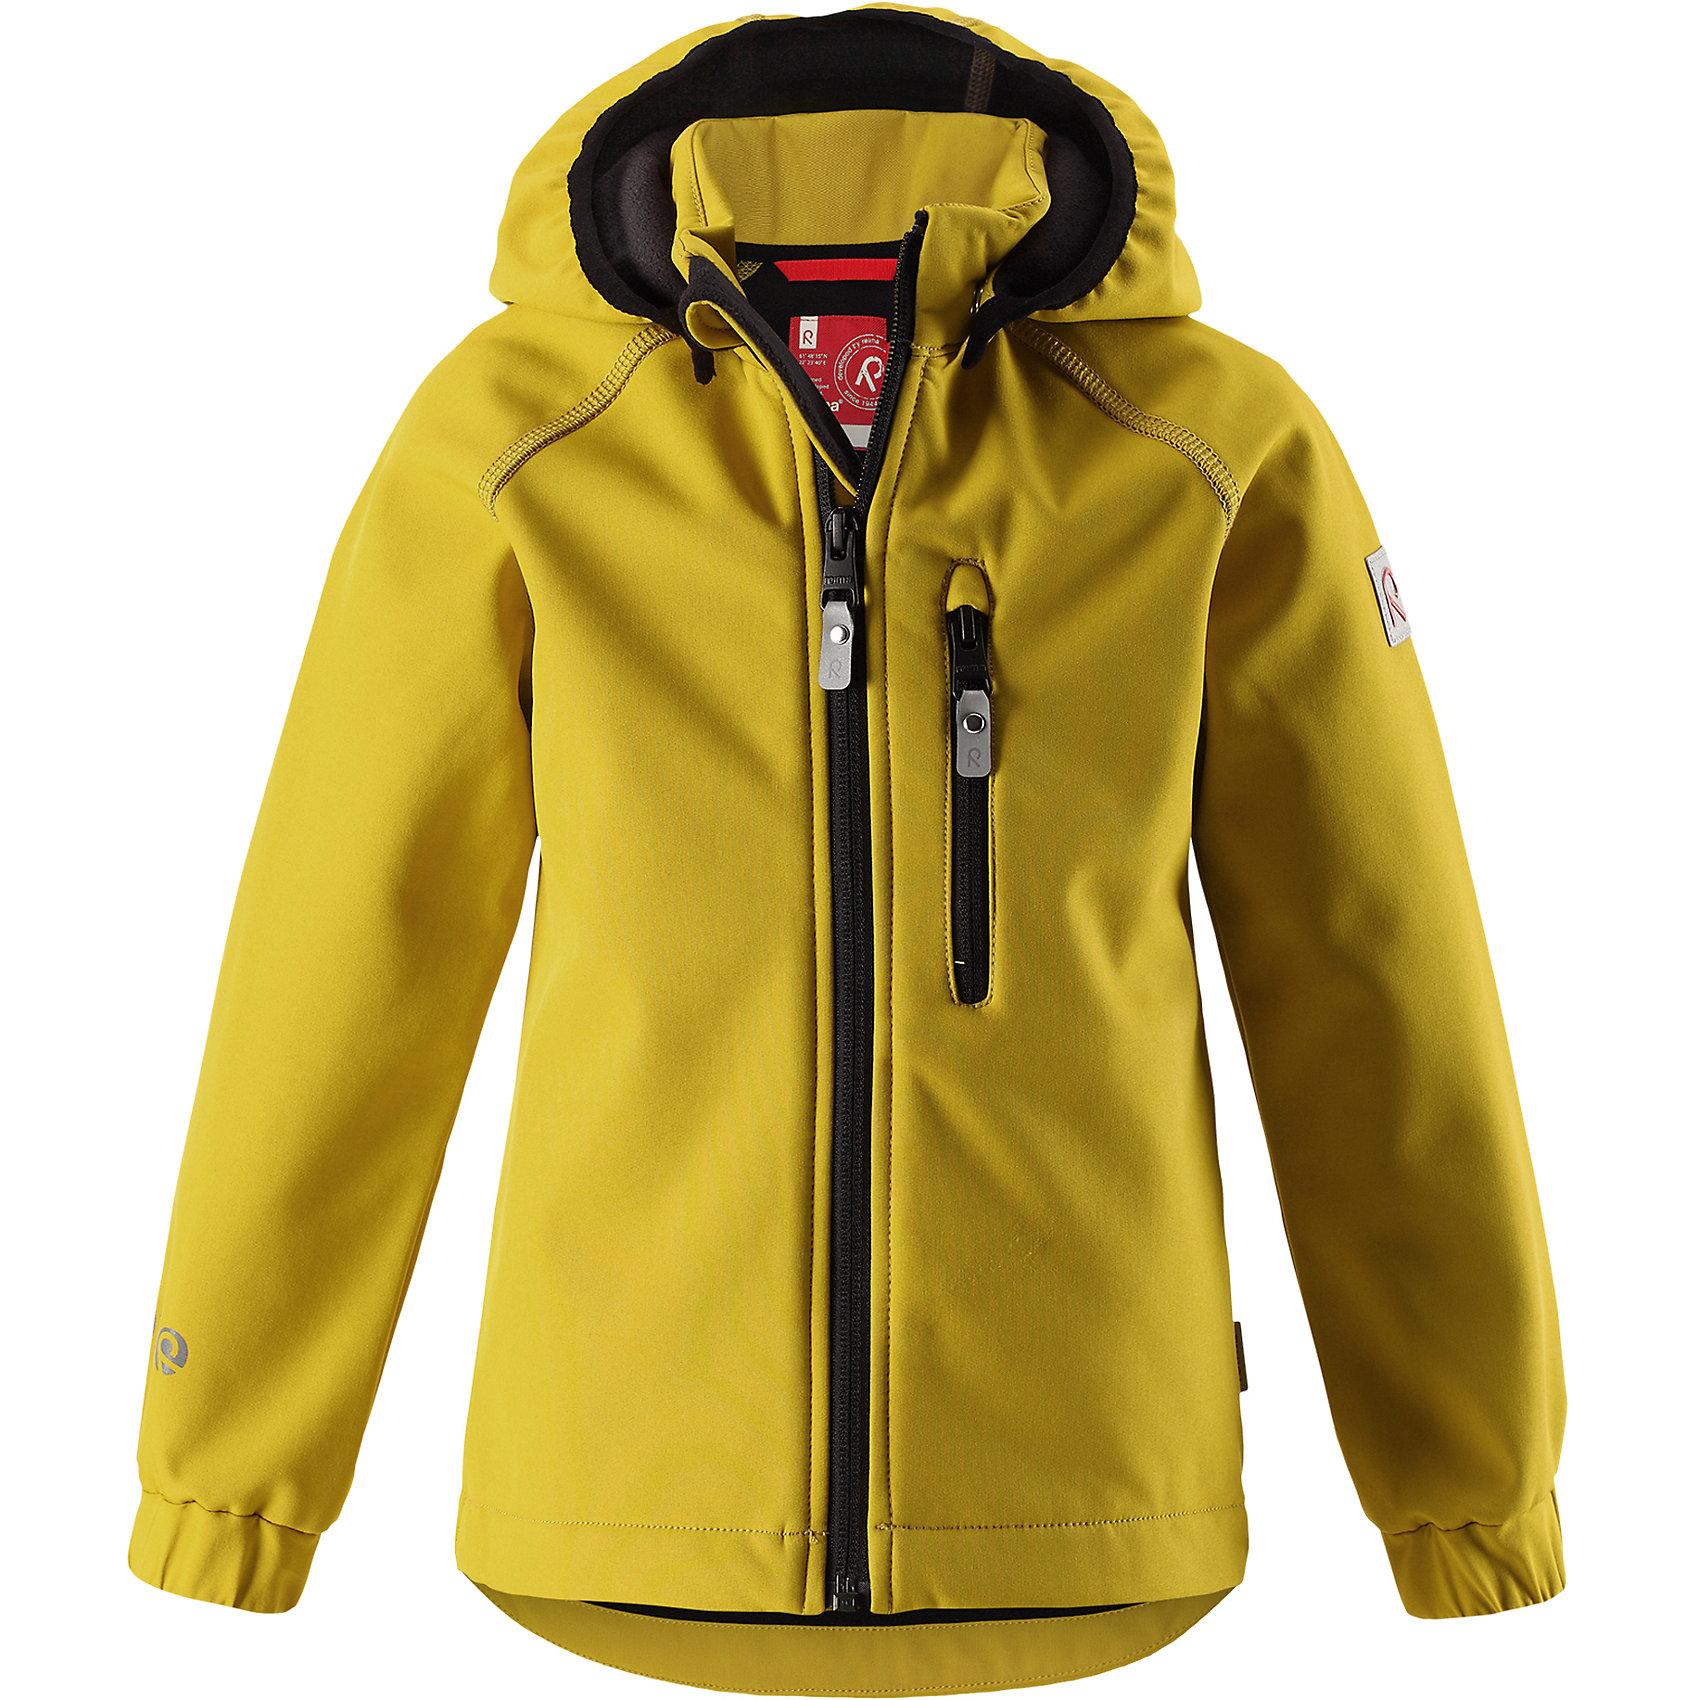 Куртка Vantti ReimaОдежда<br>Характеристики товара:<br><br>• цвет: желтый;<br>• состав: 95% полиэстер, 5% эластан, полиуретановое покрытие;<br>• утеплитель: без утеплителя;<br>• сезон: демисезон;<br>• температурный режим: от +5 до +15С;<br>• водонепроницаемость: 10000 мм;<br>• воздухопроницаемость: 4000 мм;<br>• водоотталкивающий, ветронепроницаемый и дышащий материал;<br>• многослойный материал, с изнаночной стороны - флис;<br>• водонепроницаемый материал softshell;<br>• застежка: молния с защитой подбородка от защемления;<br>• безопасный съемный капюшон;<br>• эластичные манжеты;<br>• карман на молнии;<br>• светоотражающие элементы;<br>• страна бренда: Финляндия;<br>• страна производства: Китай.<br><br>Демисезонная куртка с капюшоном изготовлена из водо и грязеотталкивающего материала softshell. Куртка на молнии, с флисовой подкладкой станет идеальным выбором для холодных весенних и осенних дней. Мягкий и эластичный материал softshell дарит ощущение комфорта. В двух карманах найдется место для всех мелочей. Благодаря эластичным сборкам на рукавах и подоле, куртка отлично сидит. Куртка без подкладки. <br><br>Куртка Vantti Reima можно купить в нашем интернет-магазине.<br><br>Ширина мм: 356<br>Глубина мм: 10<br>Высота мм: 245<br>Вес г: 519<br>Цвет: желтый<br>Возраст от месяцев: 108<br>Возраст до месяцев: 120<br>Пол: Унисекс<br>Возраст: Детский<br>Размер: 140,92,98,104,110,116,122,128,134<br>SKU: 6901341